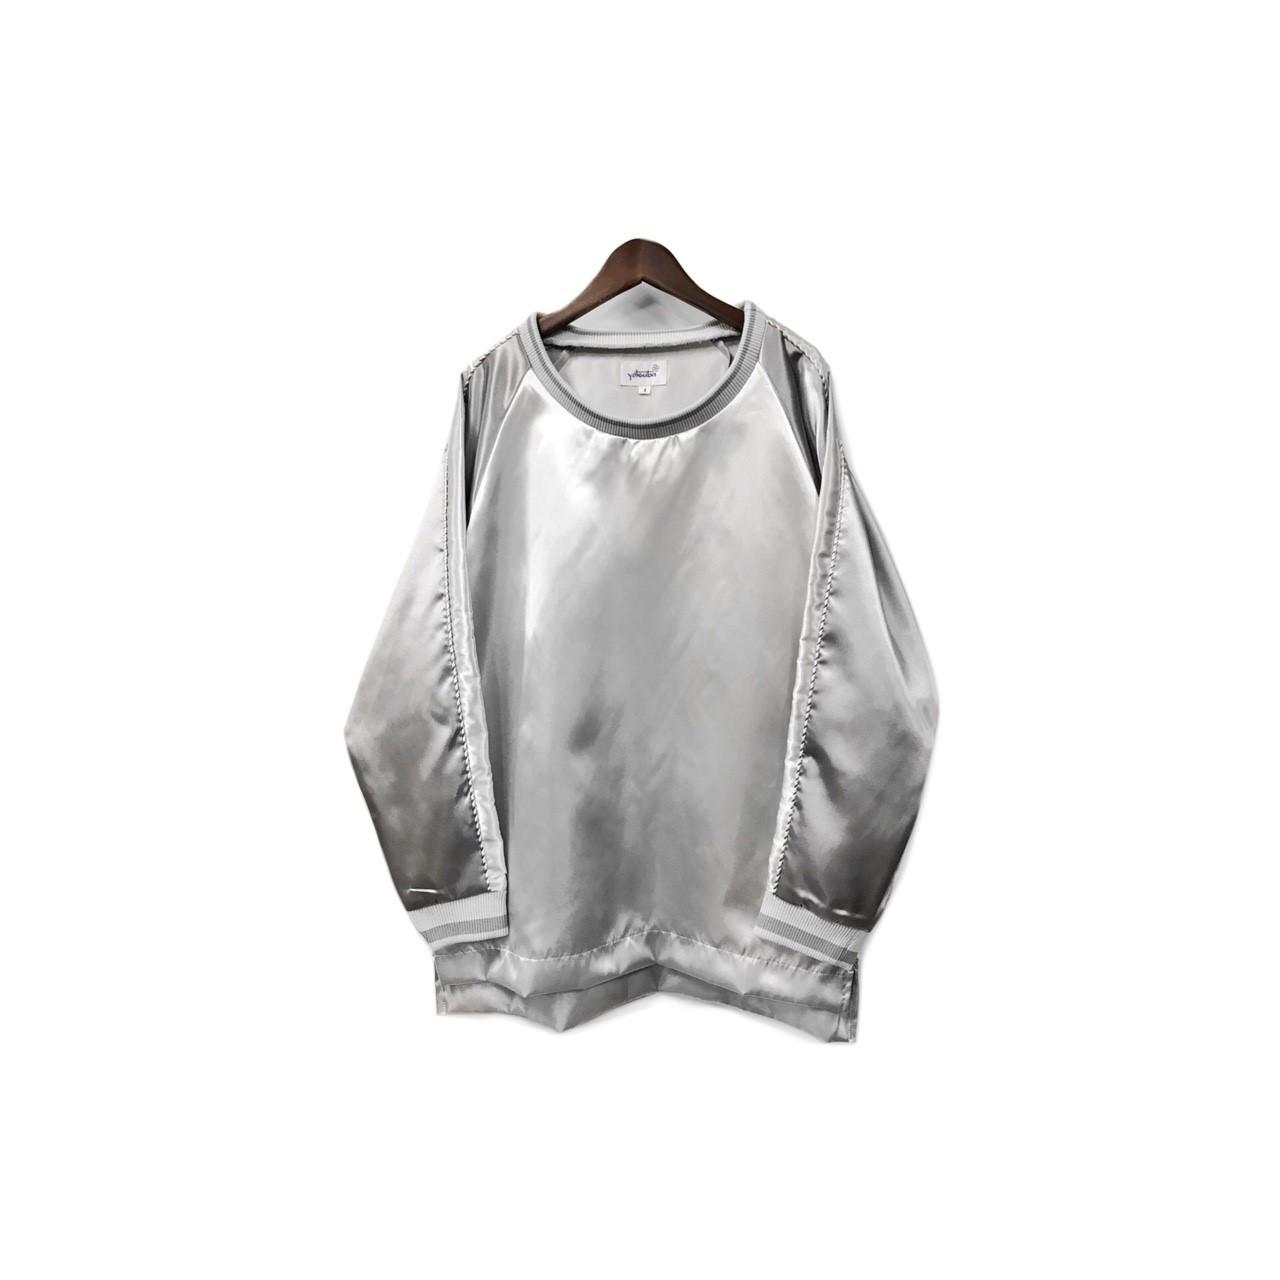 yotsuba - Souvenir Pullover Tops / Silver ¥18000+tax